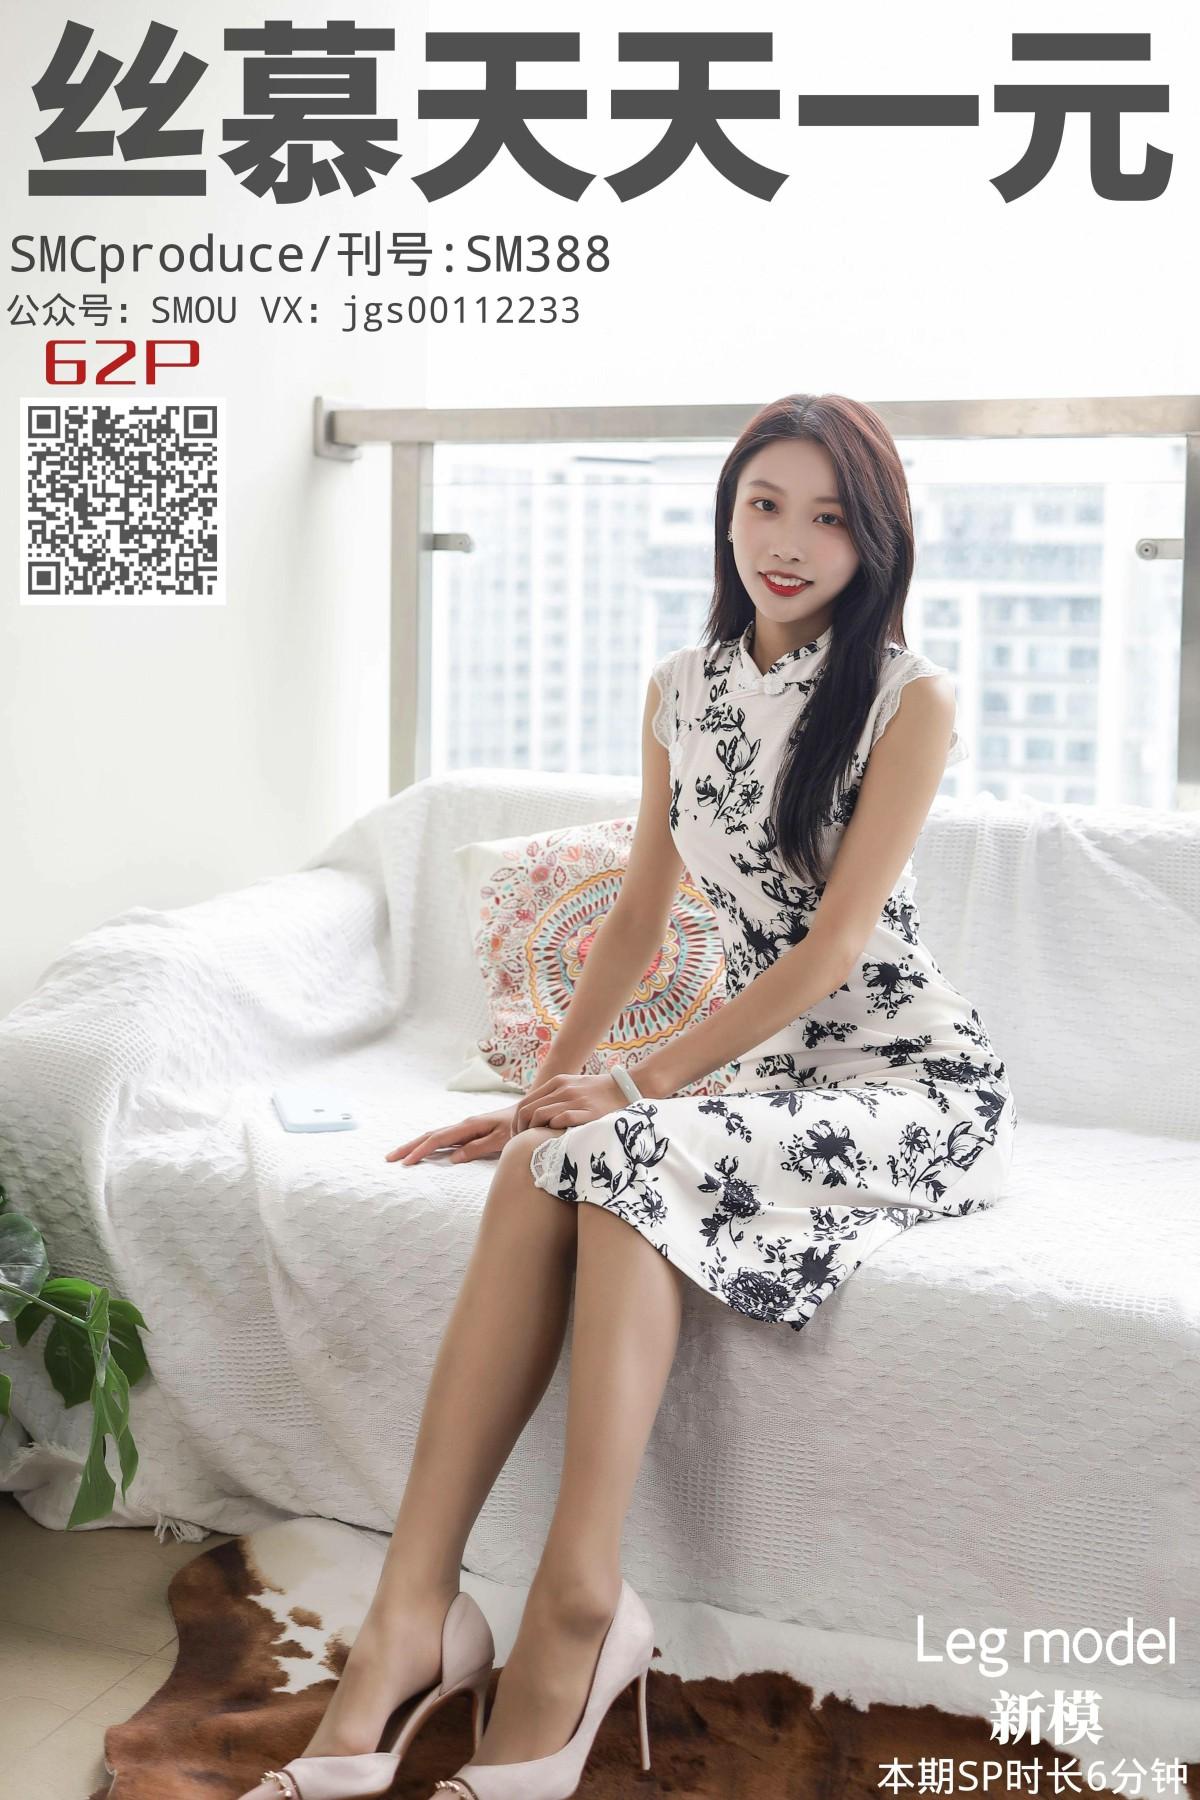 [丝慕写真] 2020.10.22 SM388 新模《旗袍艳玉》 第1张